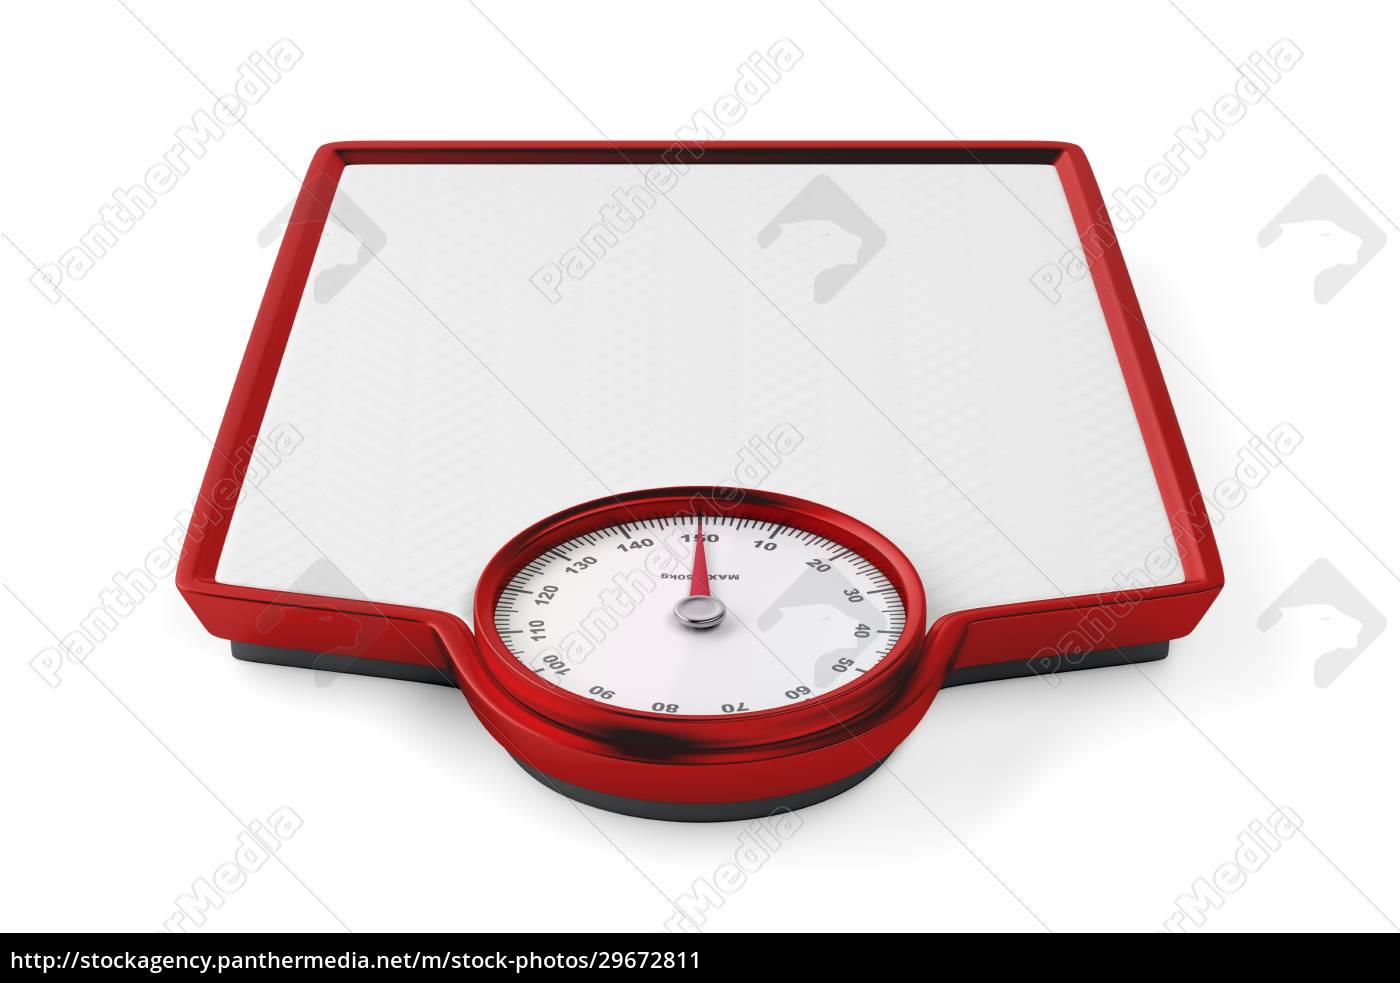 escala, de, peso, analógica - 29672811